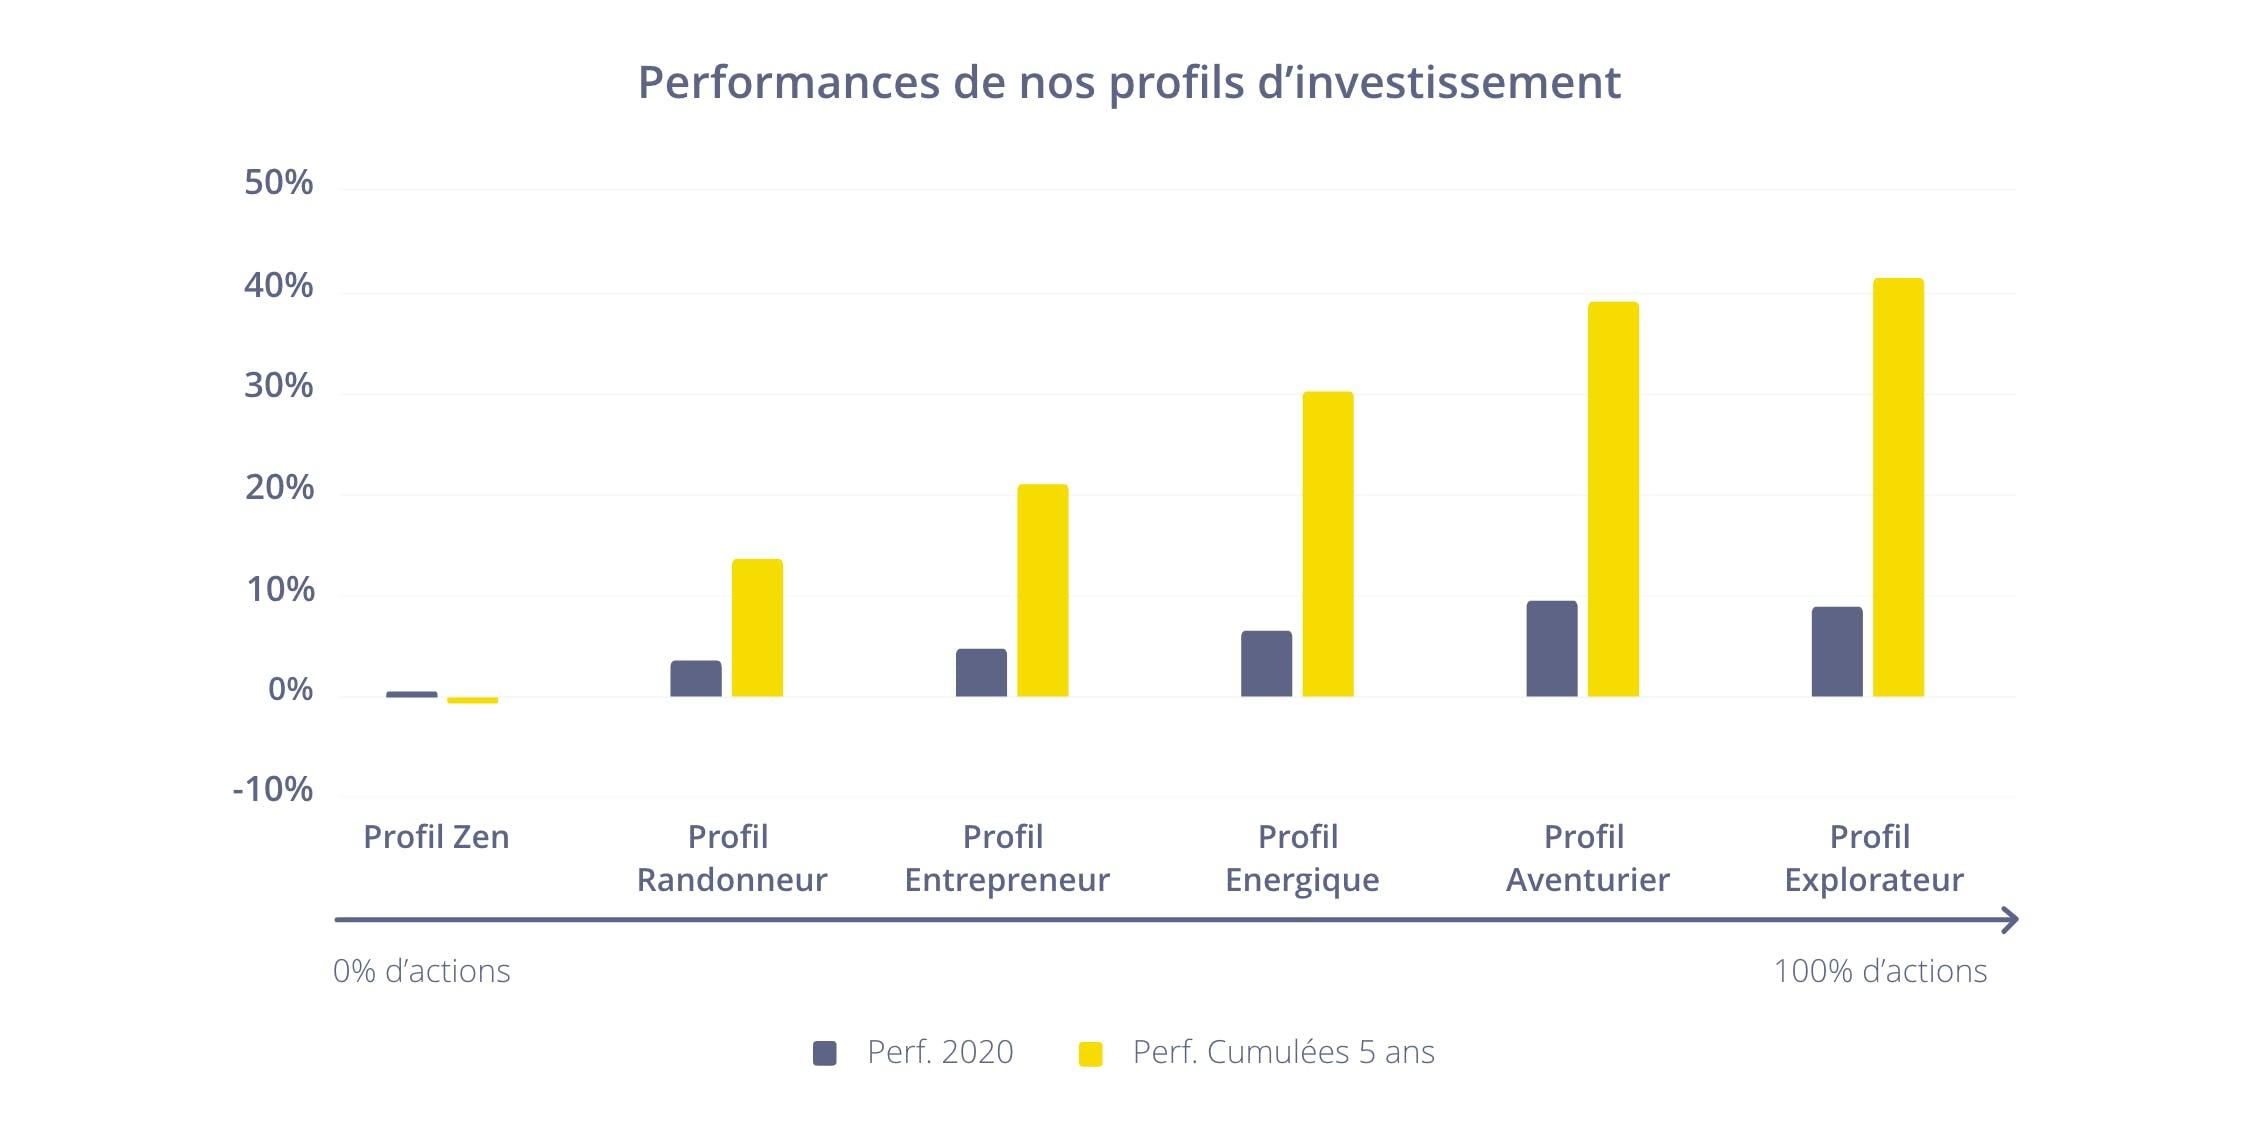 Performances profils d'investissement Epsor